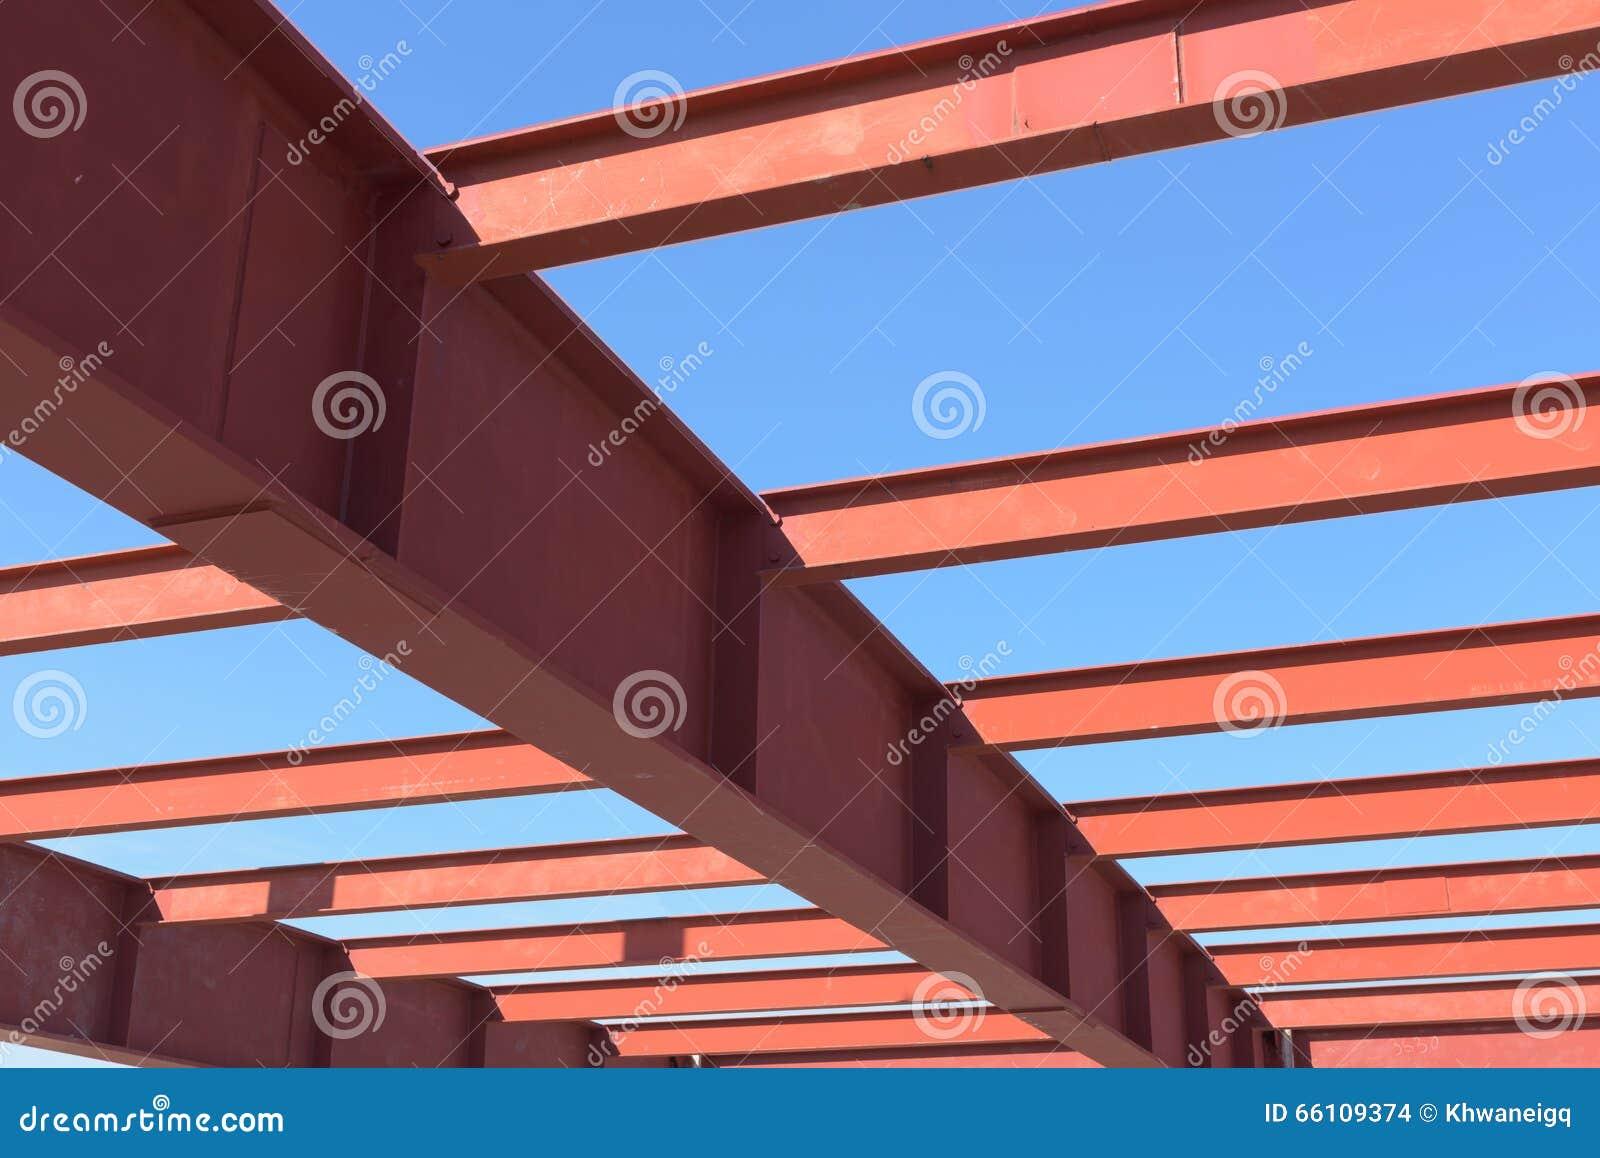 Rojo de la viga de acero foto de archivo. Imagen de marco - 66109374